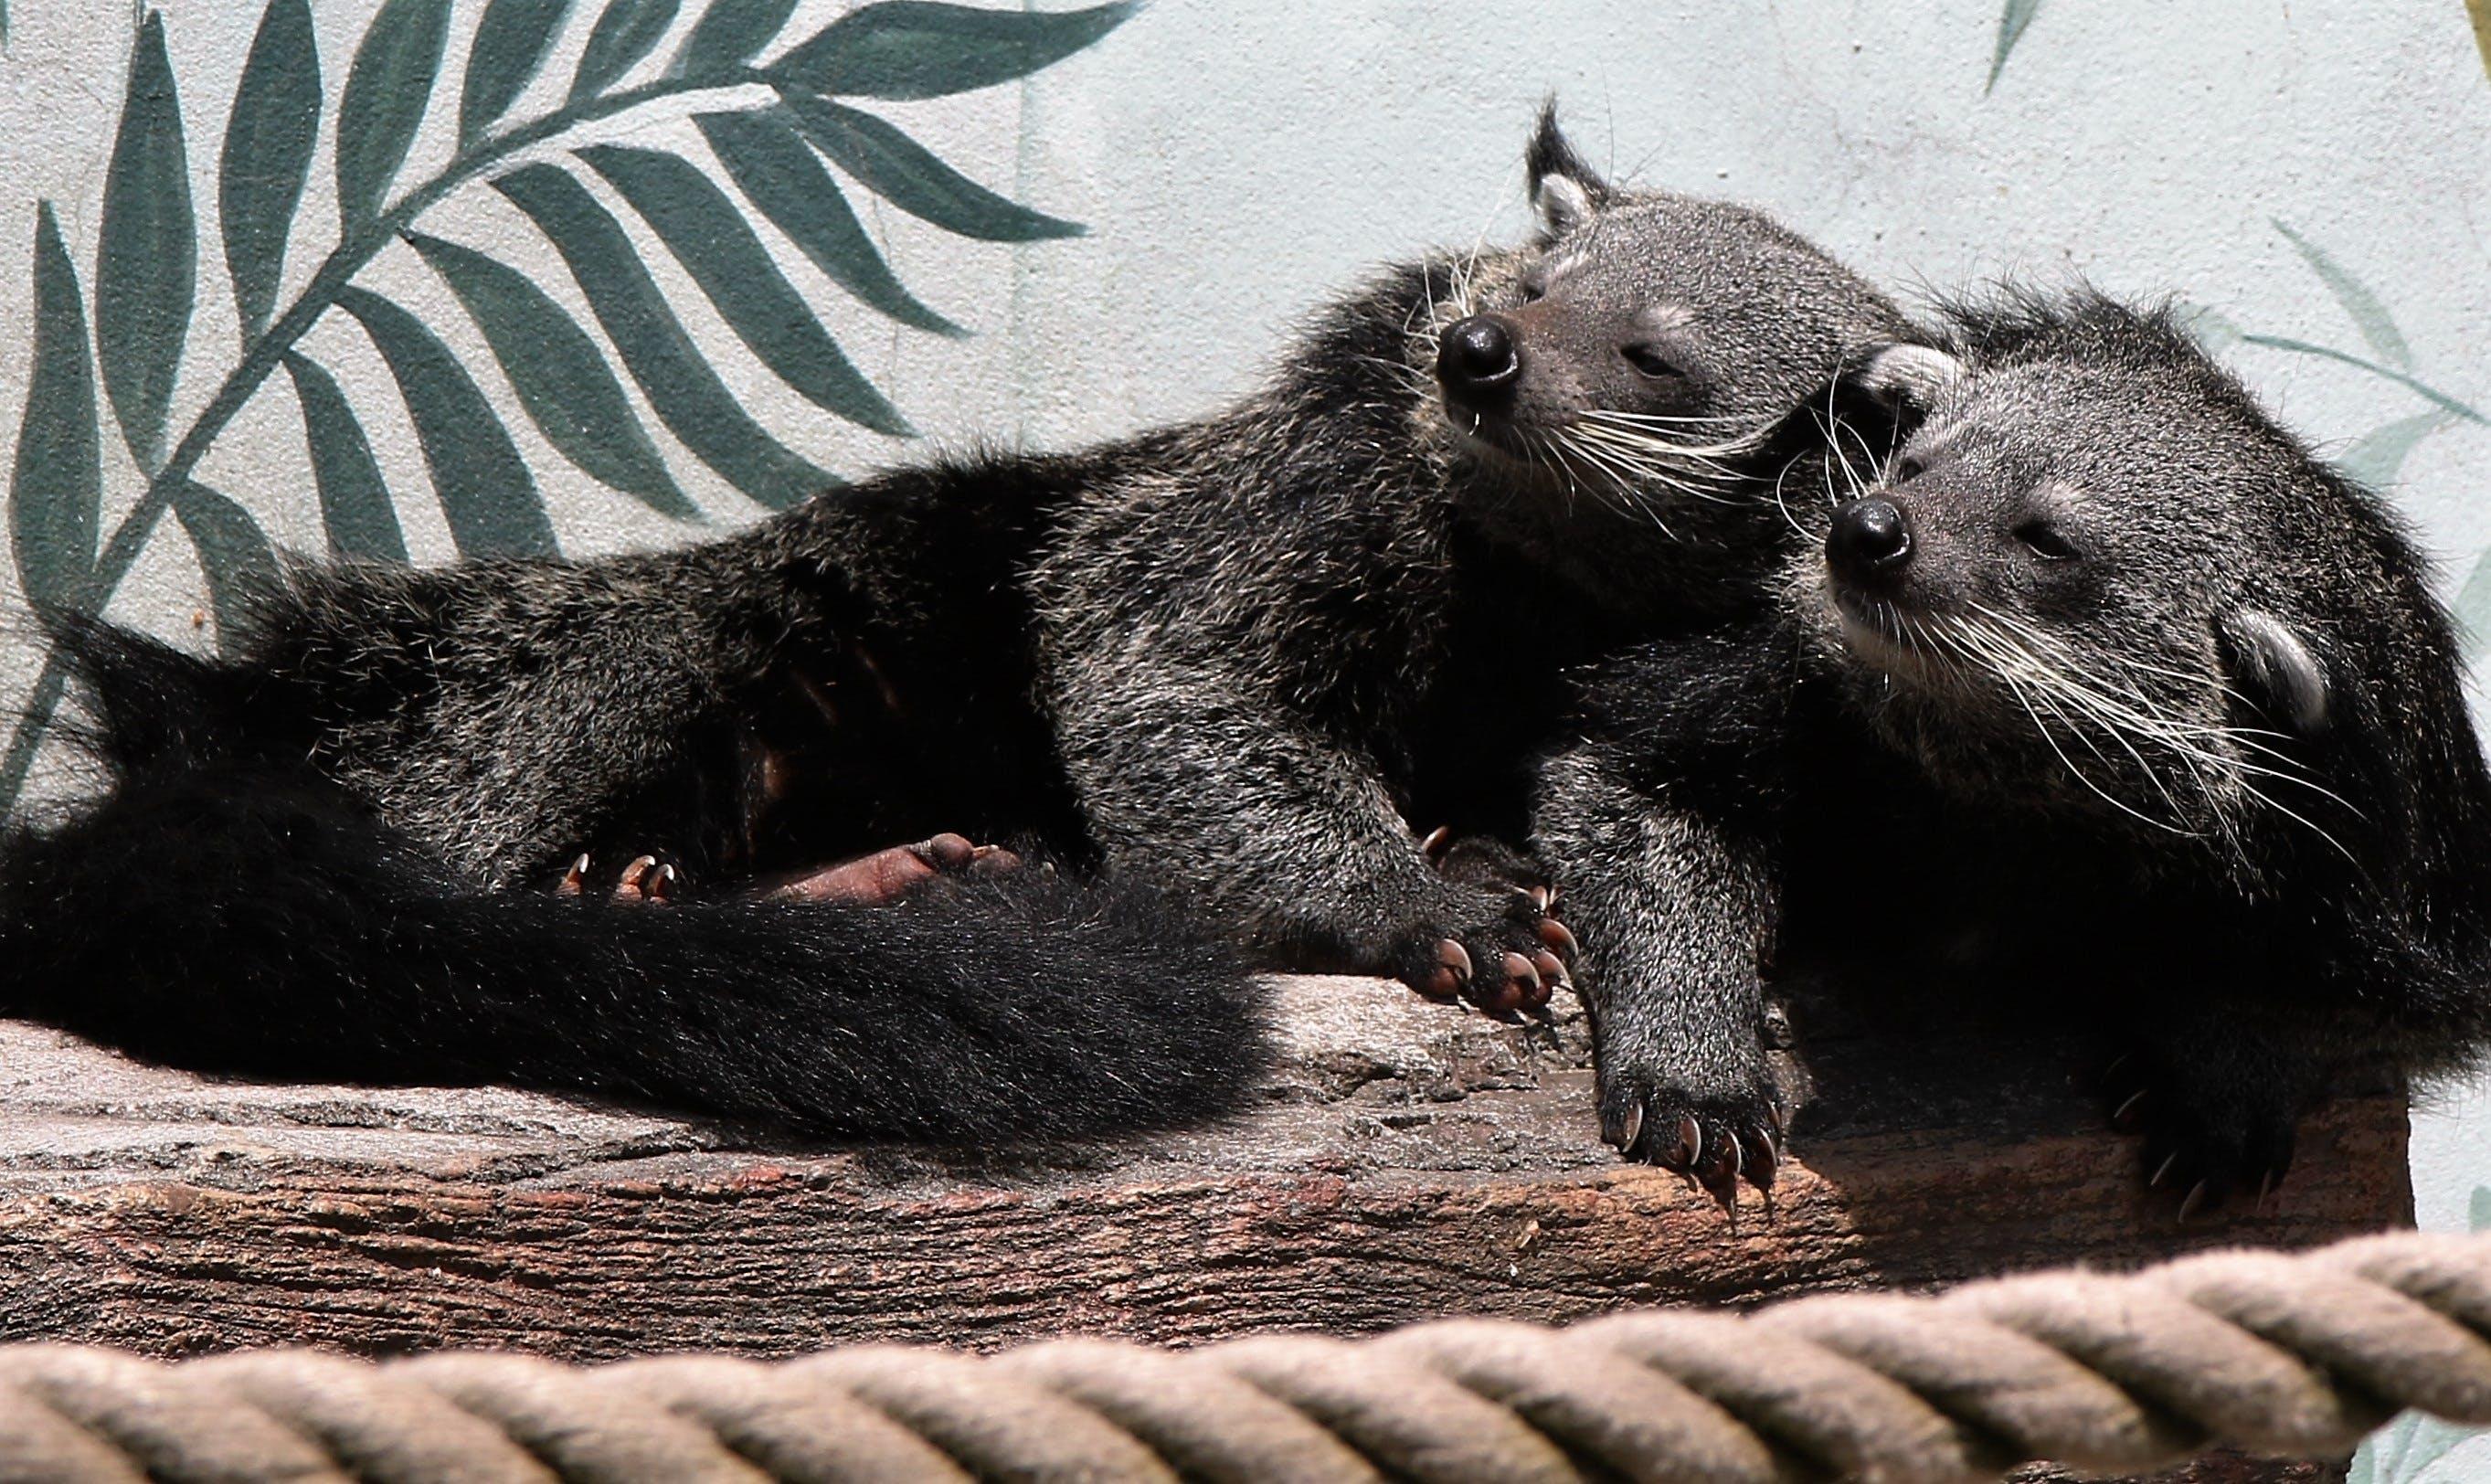 Free stock photo of animal, bear, bearcat, binturong